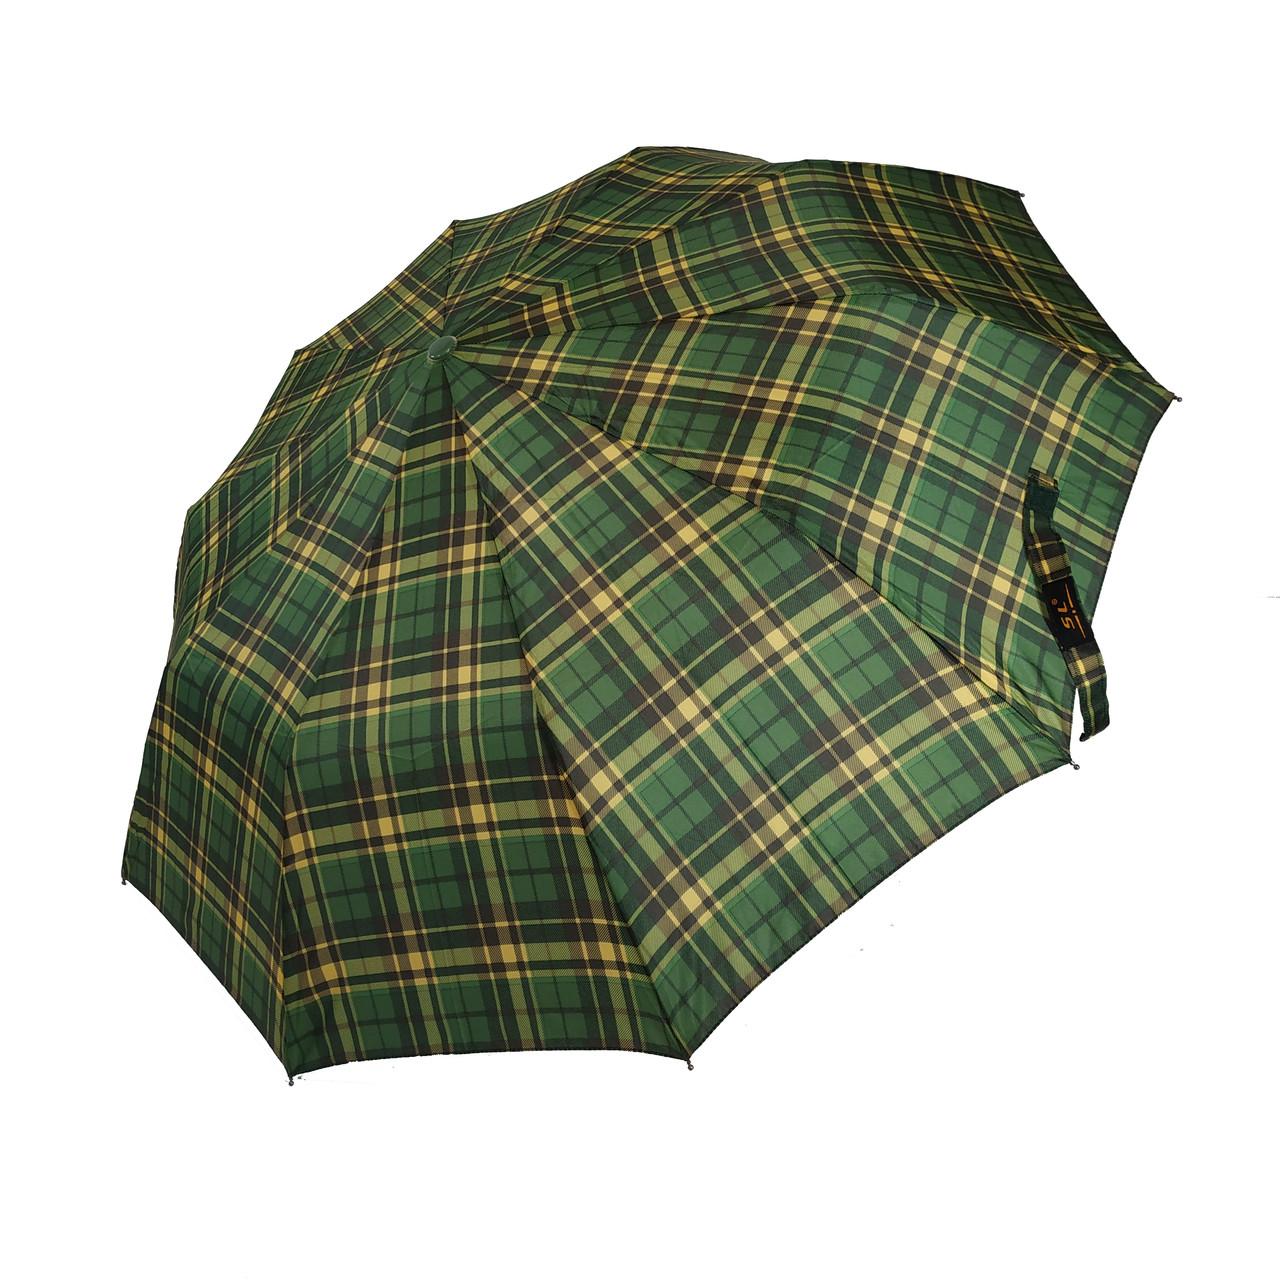 """Зонт полуавтомат SL, модель """"Сell"""" в клетку на 9 спиц, 475-2"""